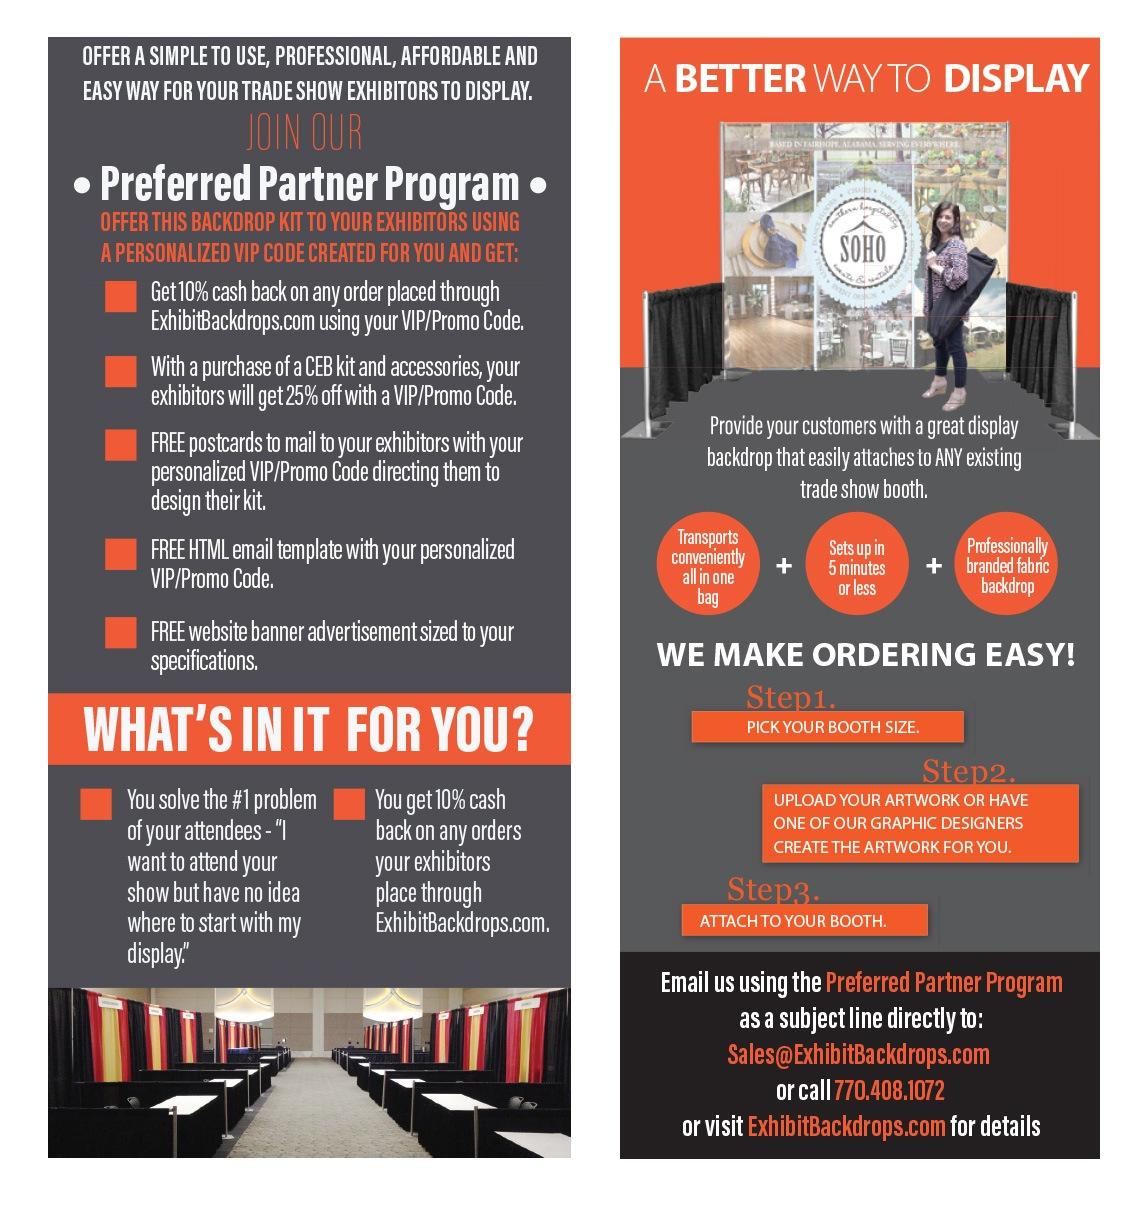 Preferred Partner Program - Custom Exhibit Backdrops